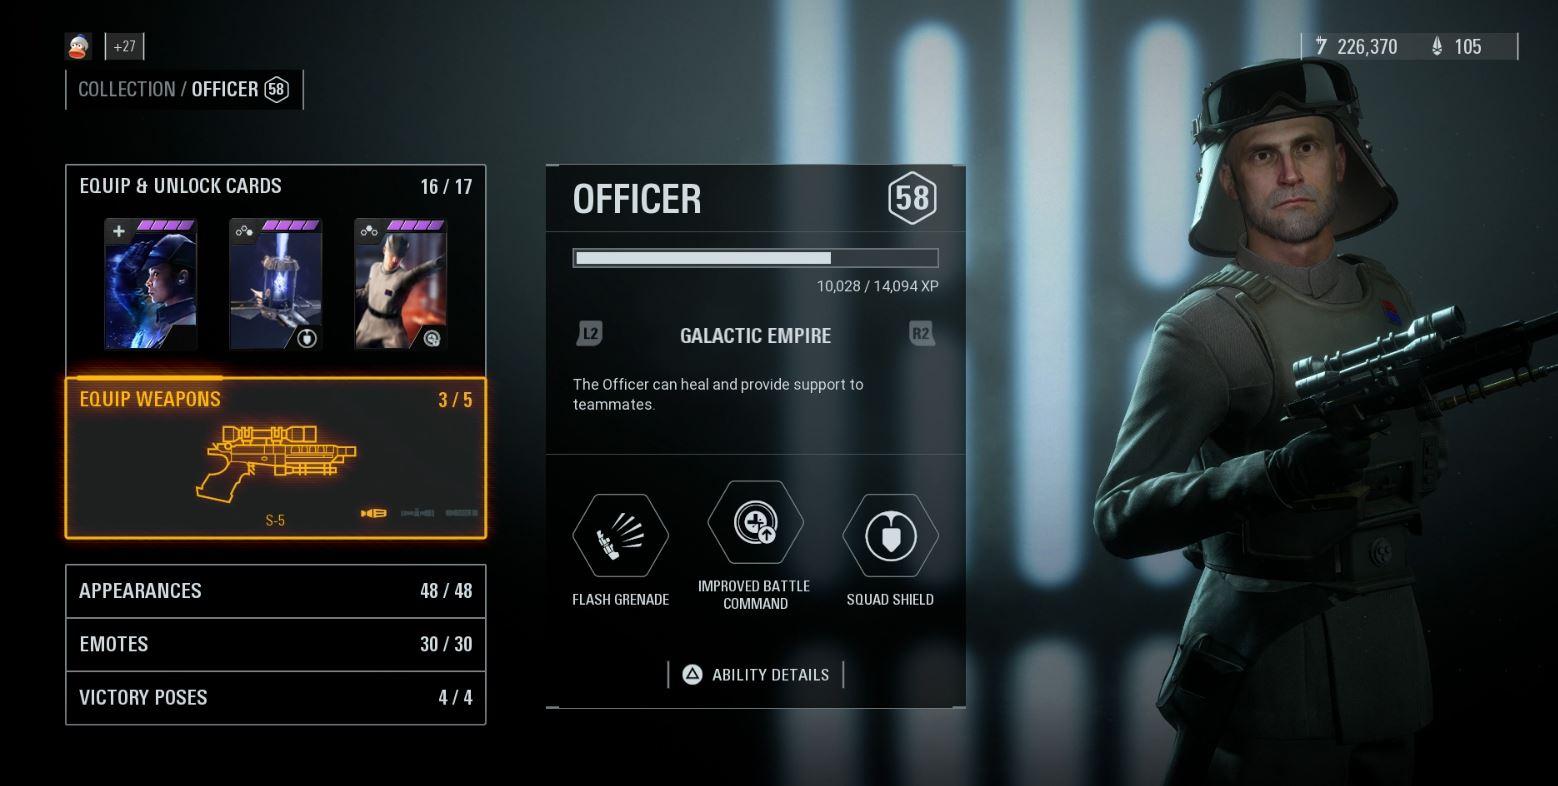 Battlefront 2 Best Officer Star cards